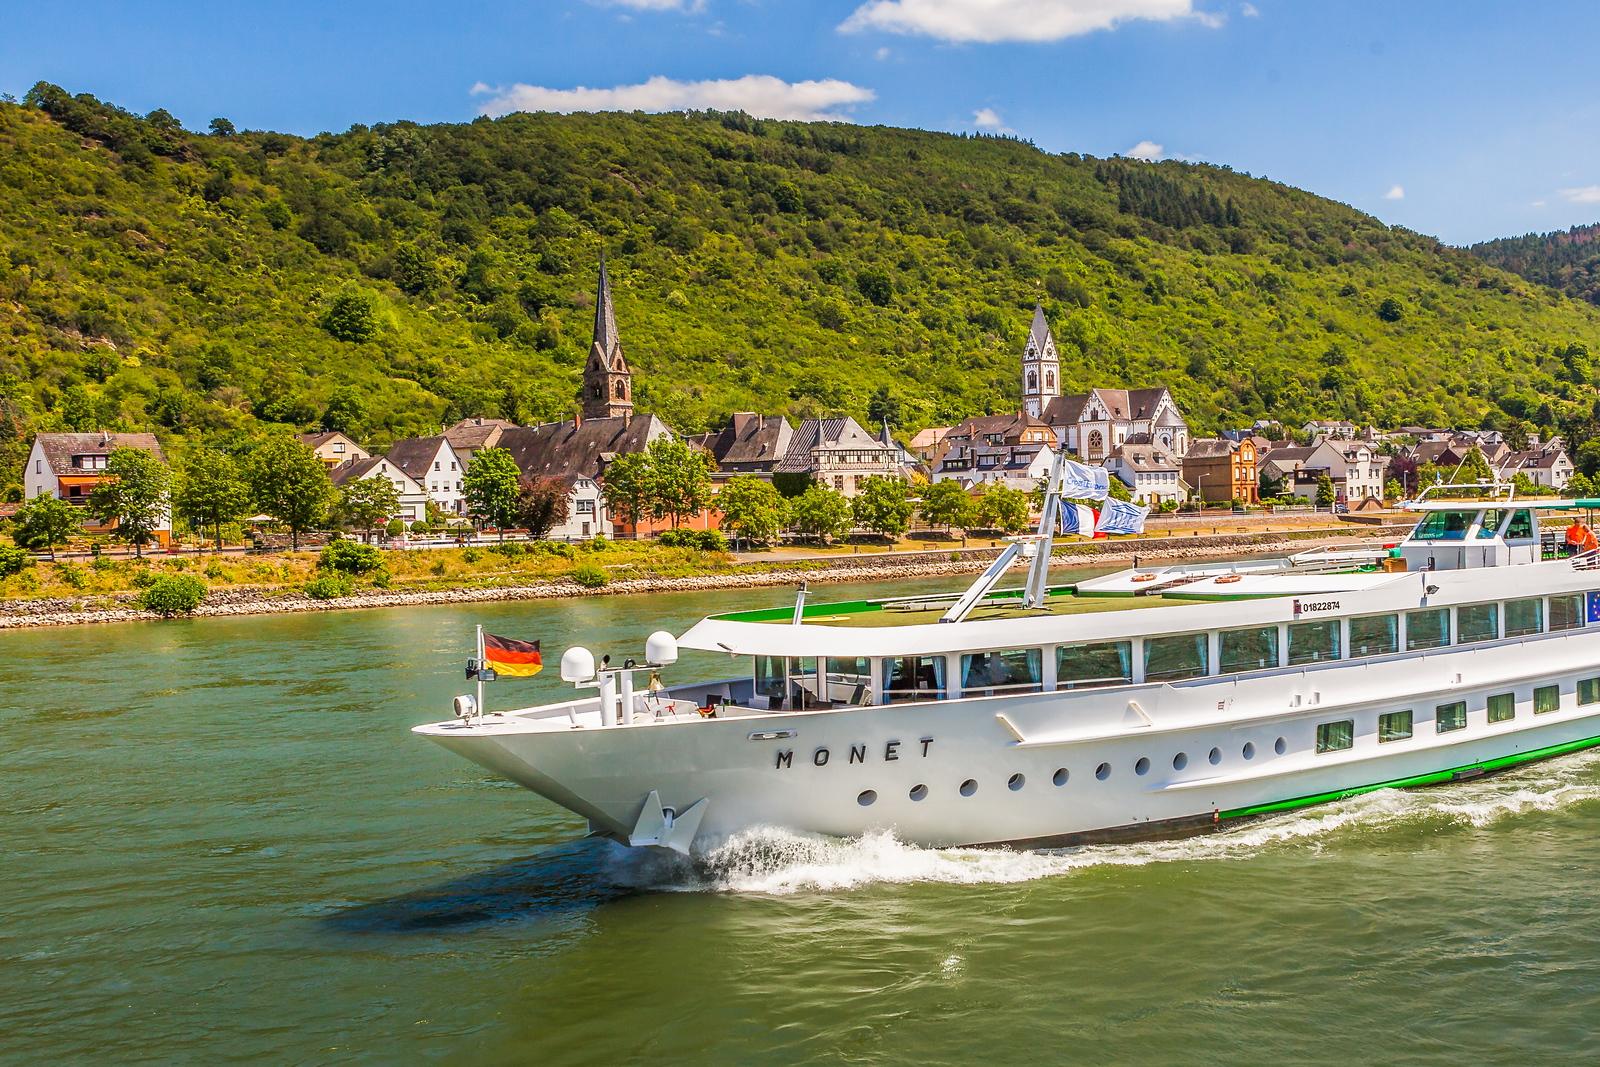 畅游莱茵河,游船商船另一道景